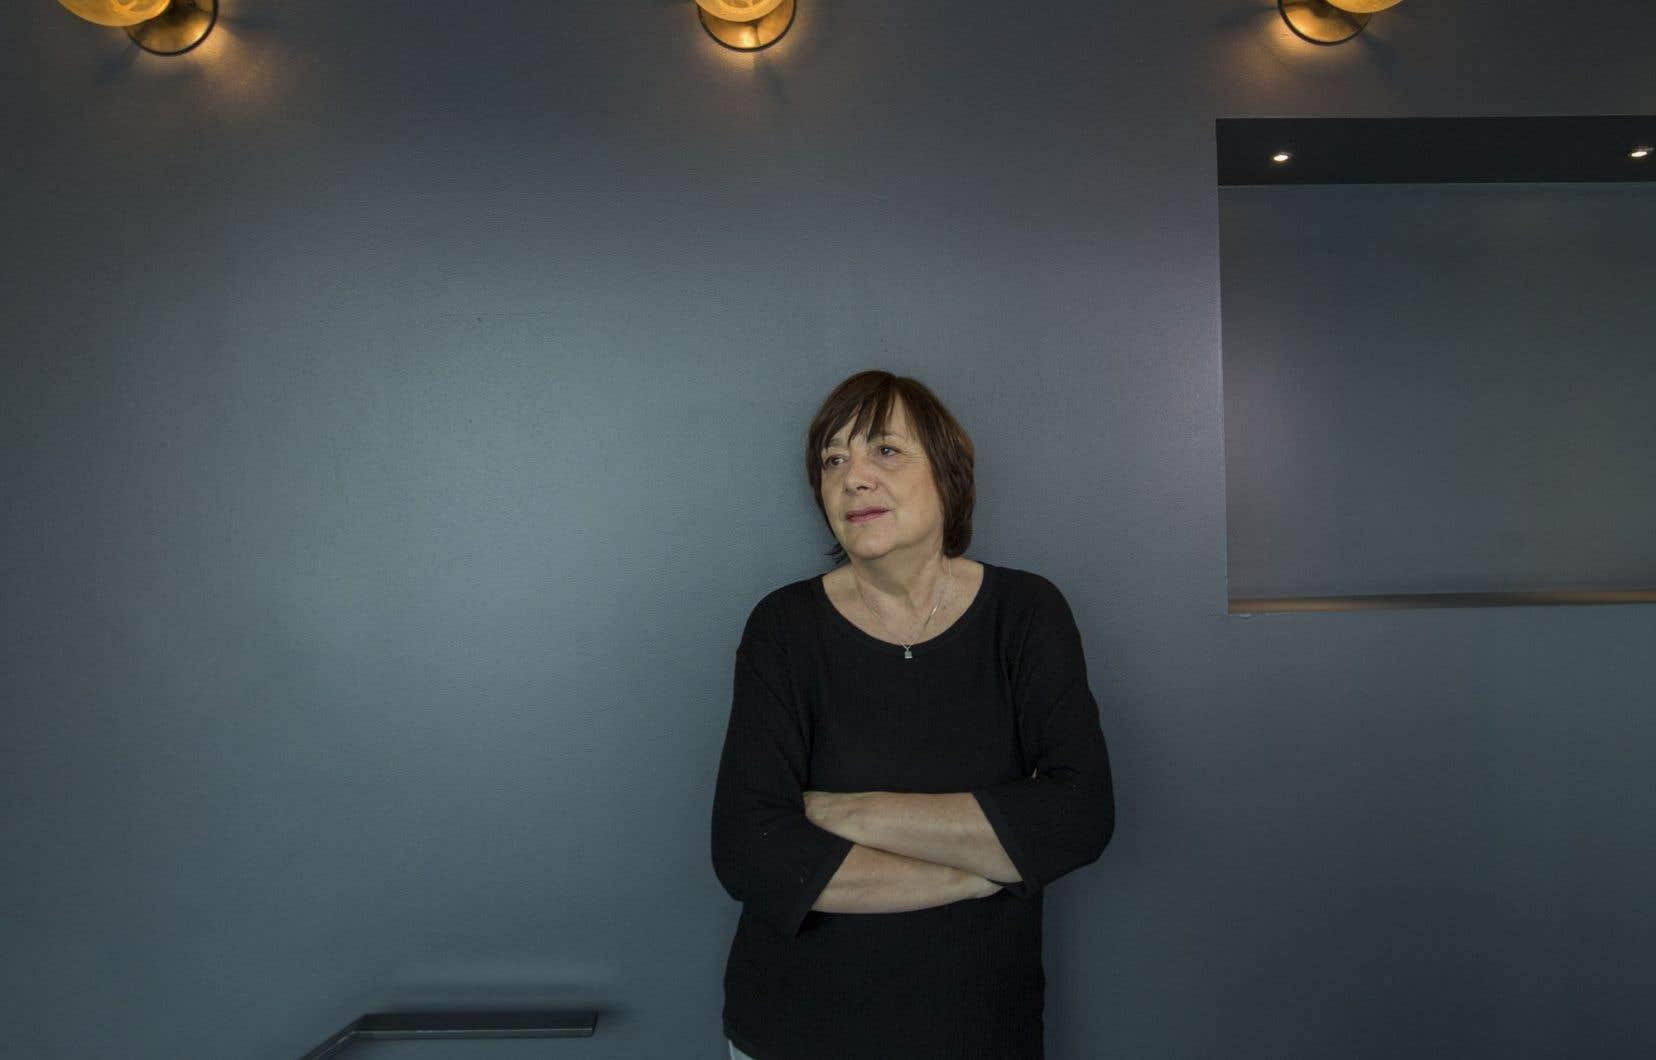 Pour Léa Pool, le grand défi dans le métier est de s'inscrire dans la durée, souvent en jouant d'alternance.